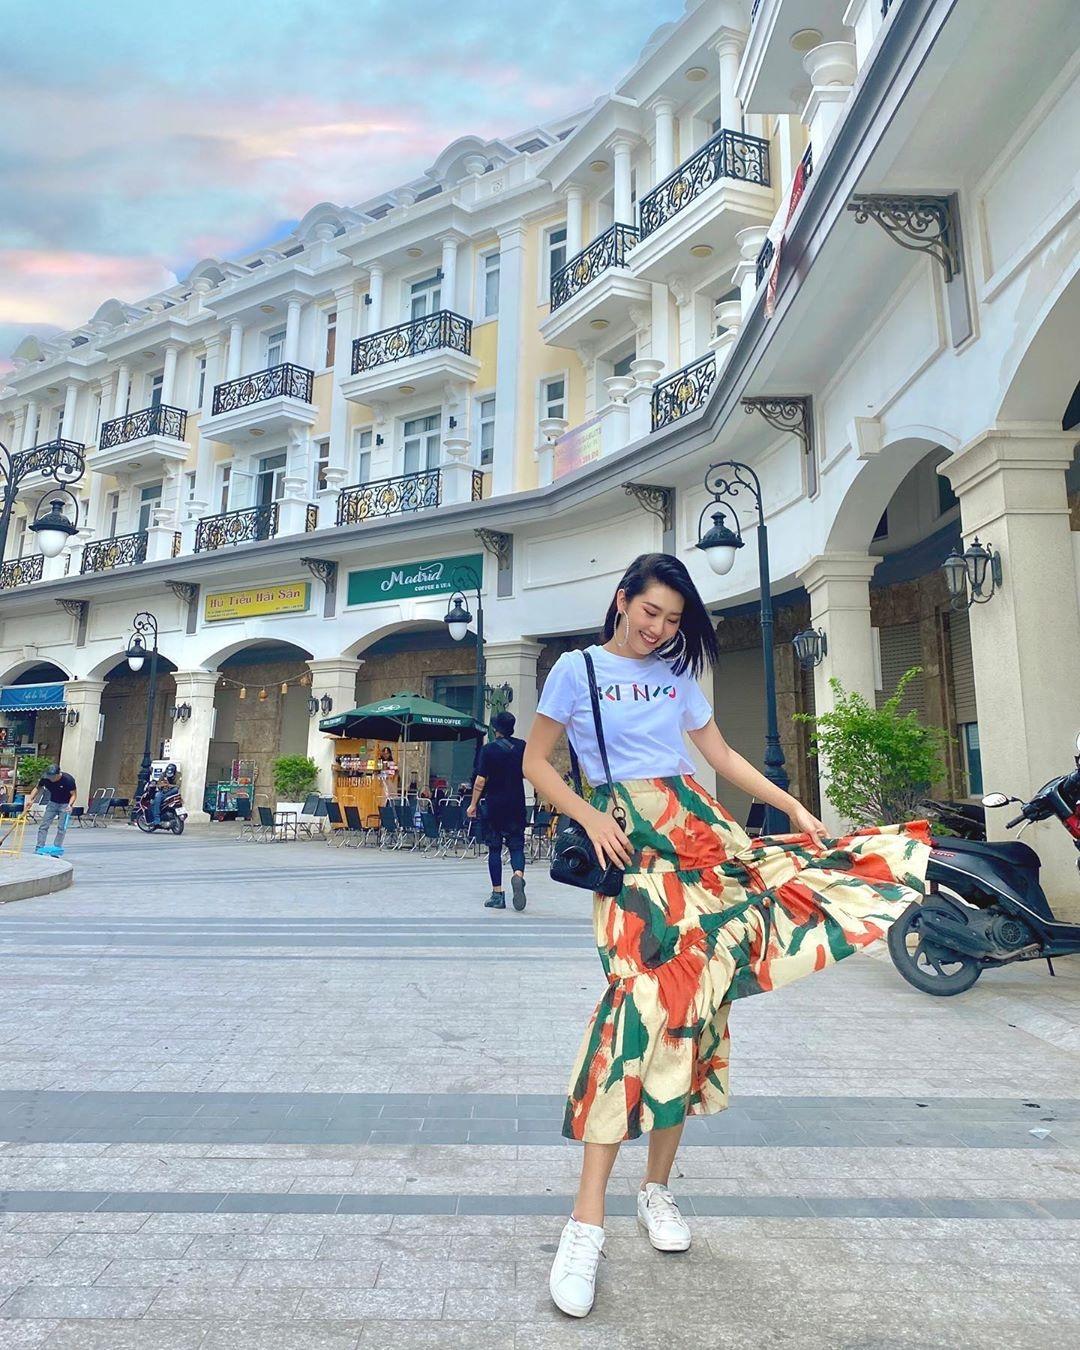 11 set đồ vừa đẹp còn vừa dễ mặc từ sao Việt mà bạn có thể áp dụng ngay cho style đi chơi ngày nghỉ lễ - Ảnh 8.